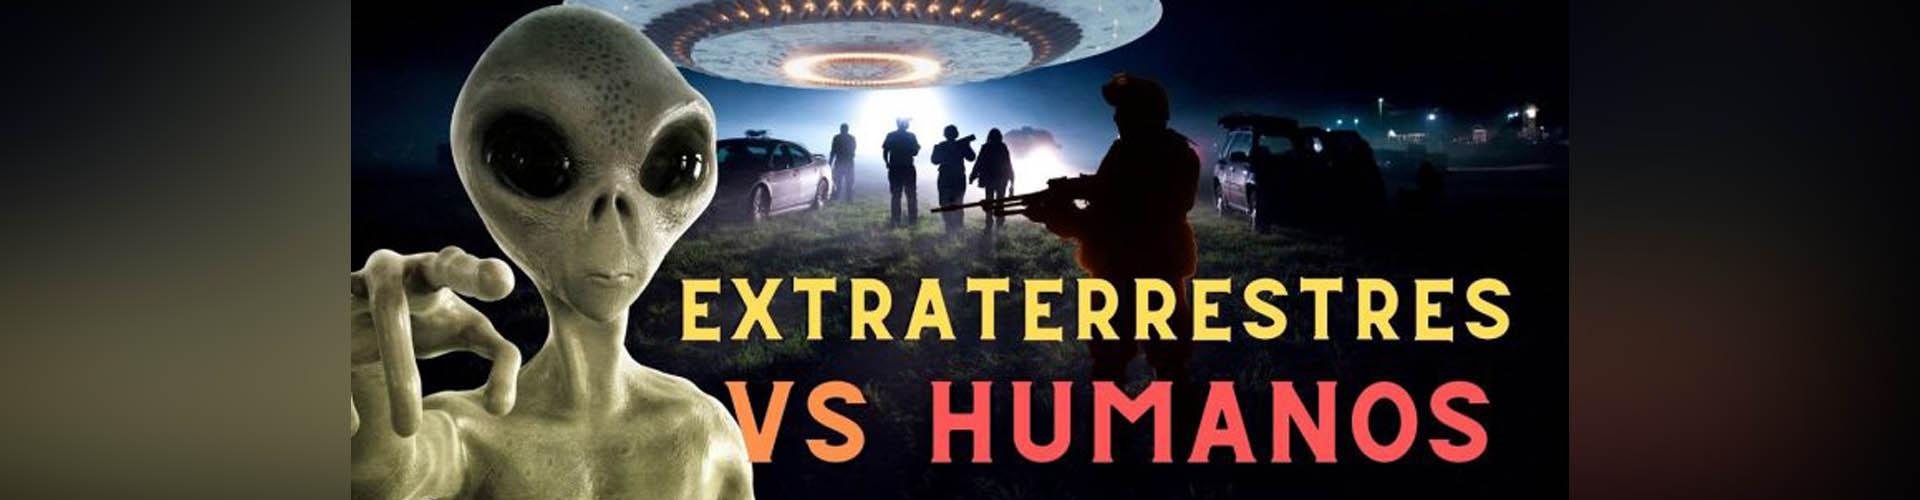 (VIDEO) Extraterrestres VS Humanos, LA DULCE BATALLA Alienígenas y Humanos